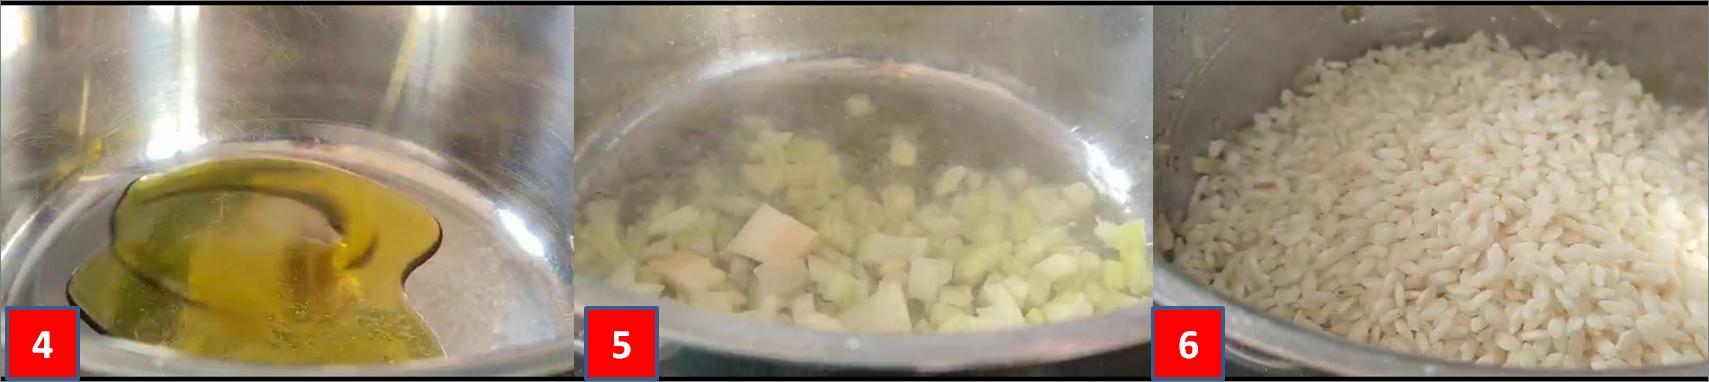 ricetta passo passo risotto alla carbonara2